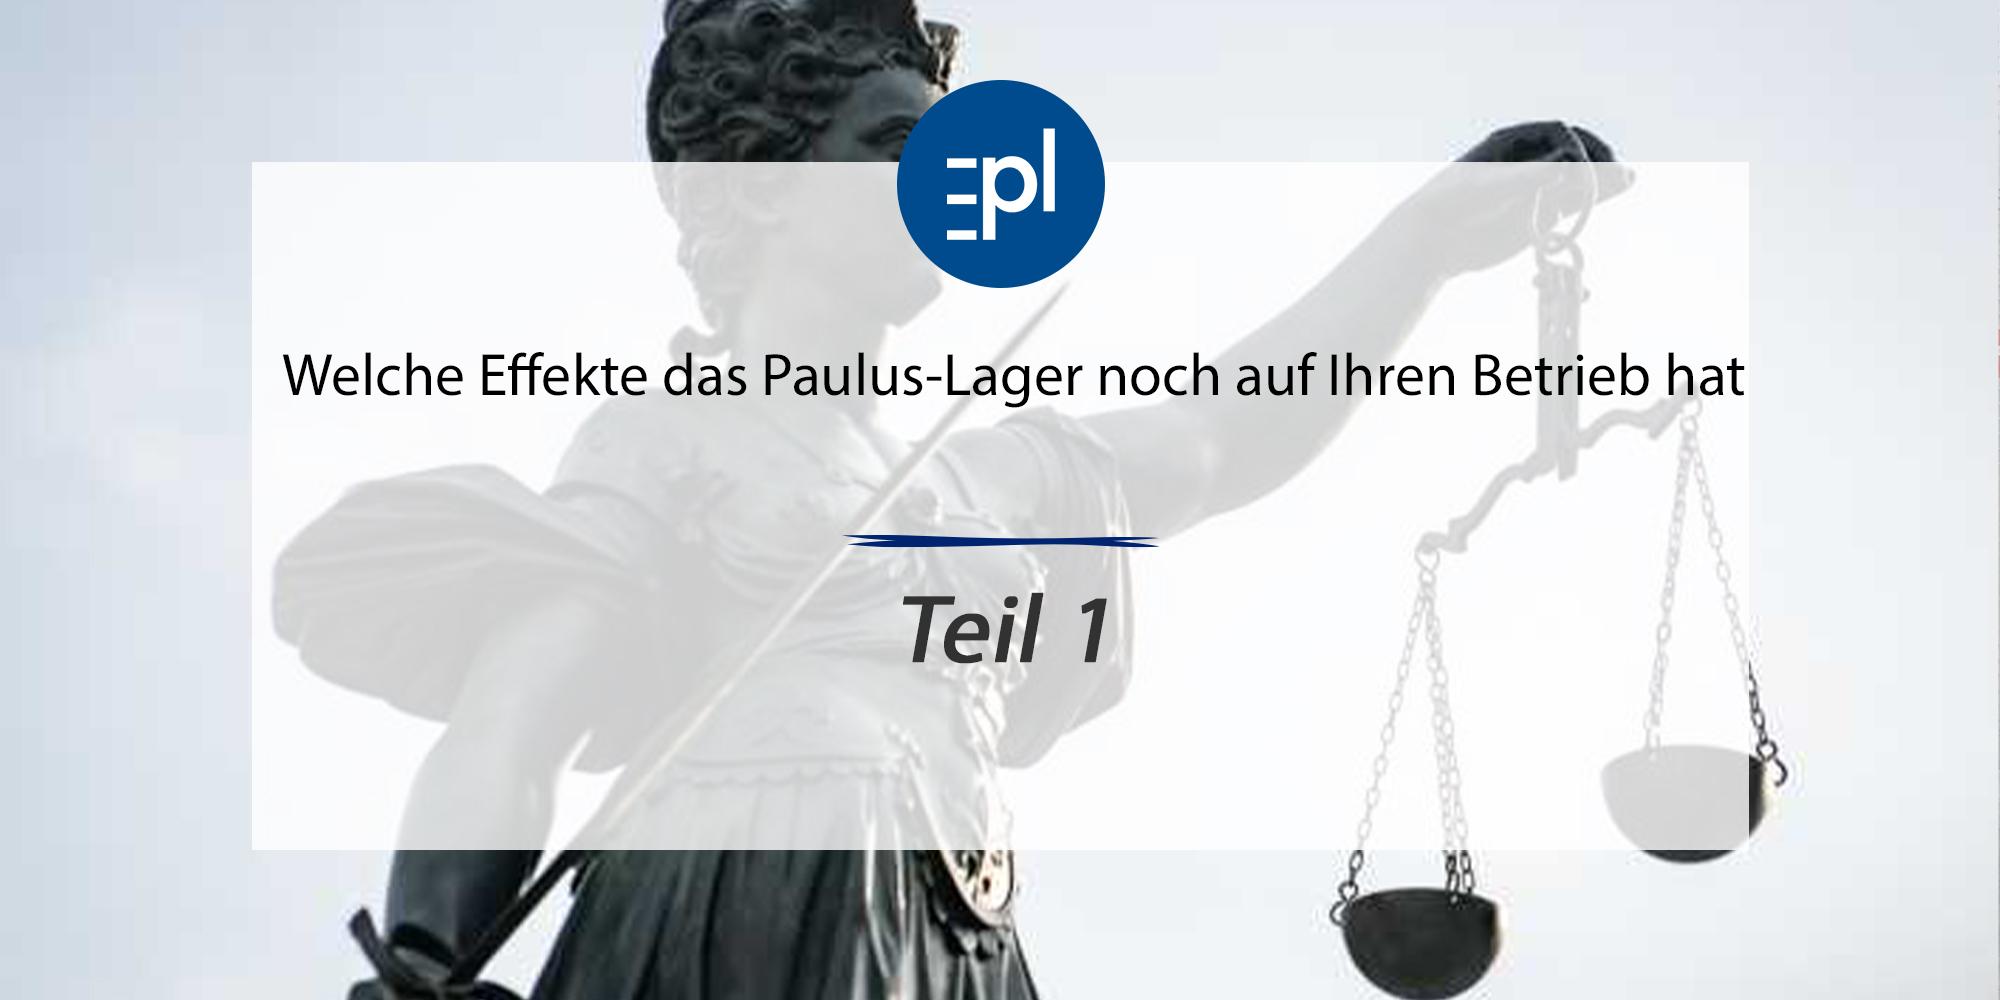 Blog Effekte Paulus-Lager Teil 1